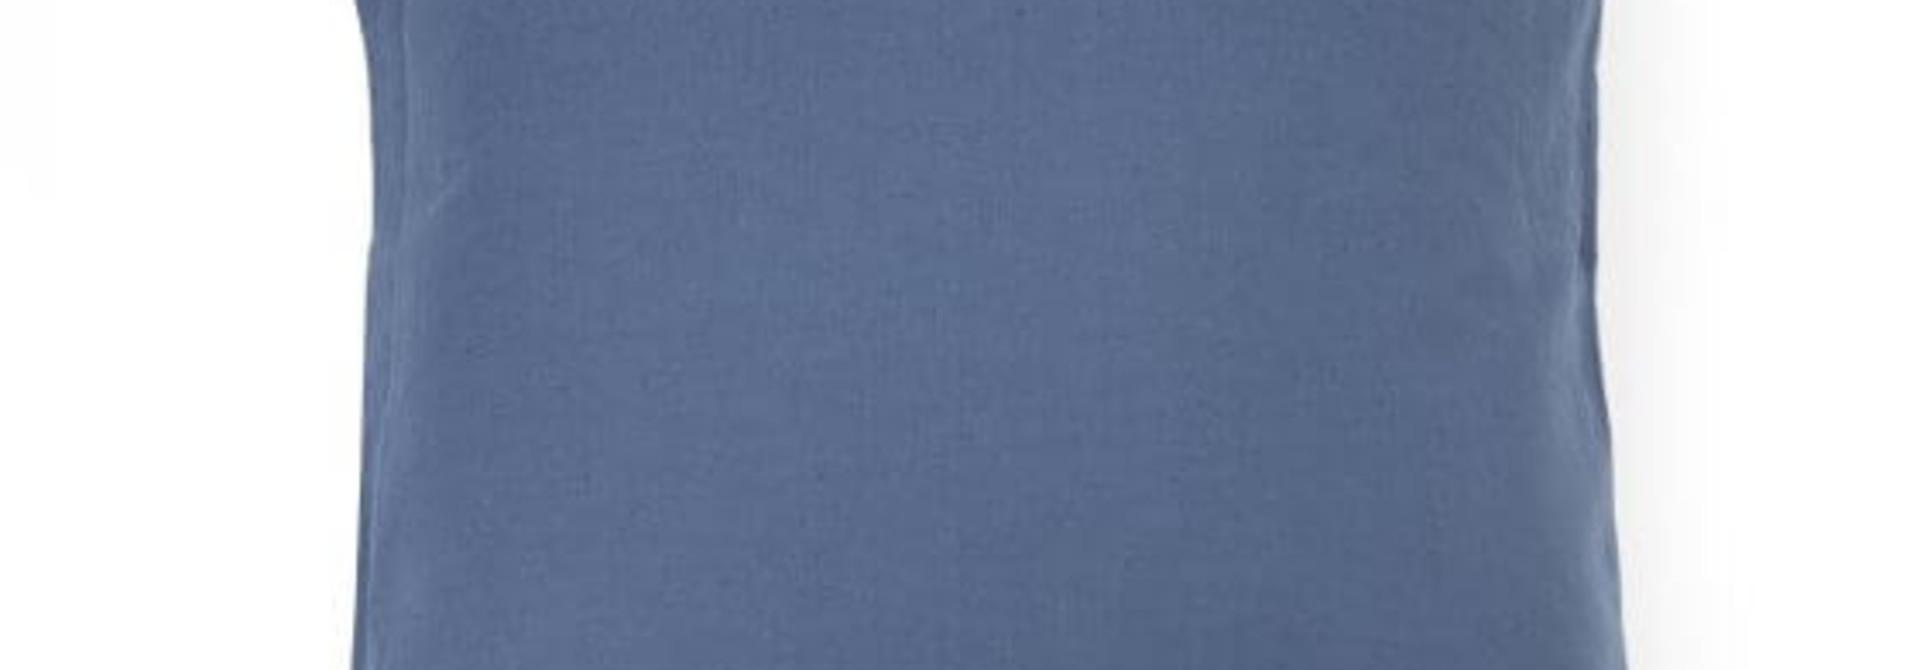 Pillow Sham - California - Blue - Queen